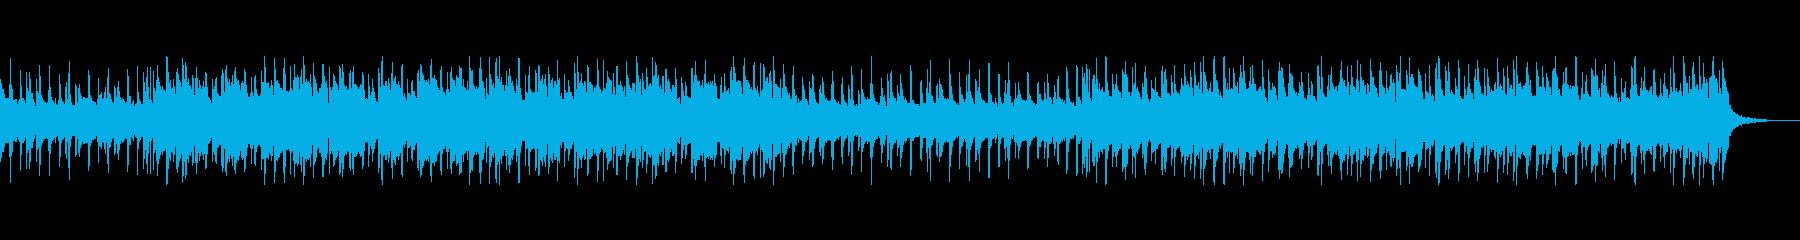 ウクレレと口笛のほのぼの楽曲の再生済みの波形